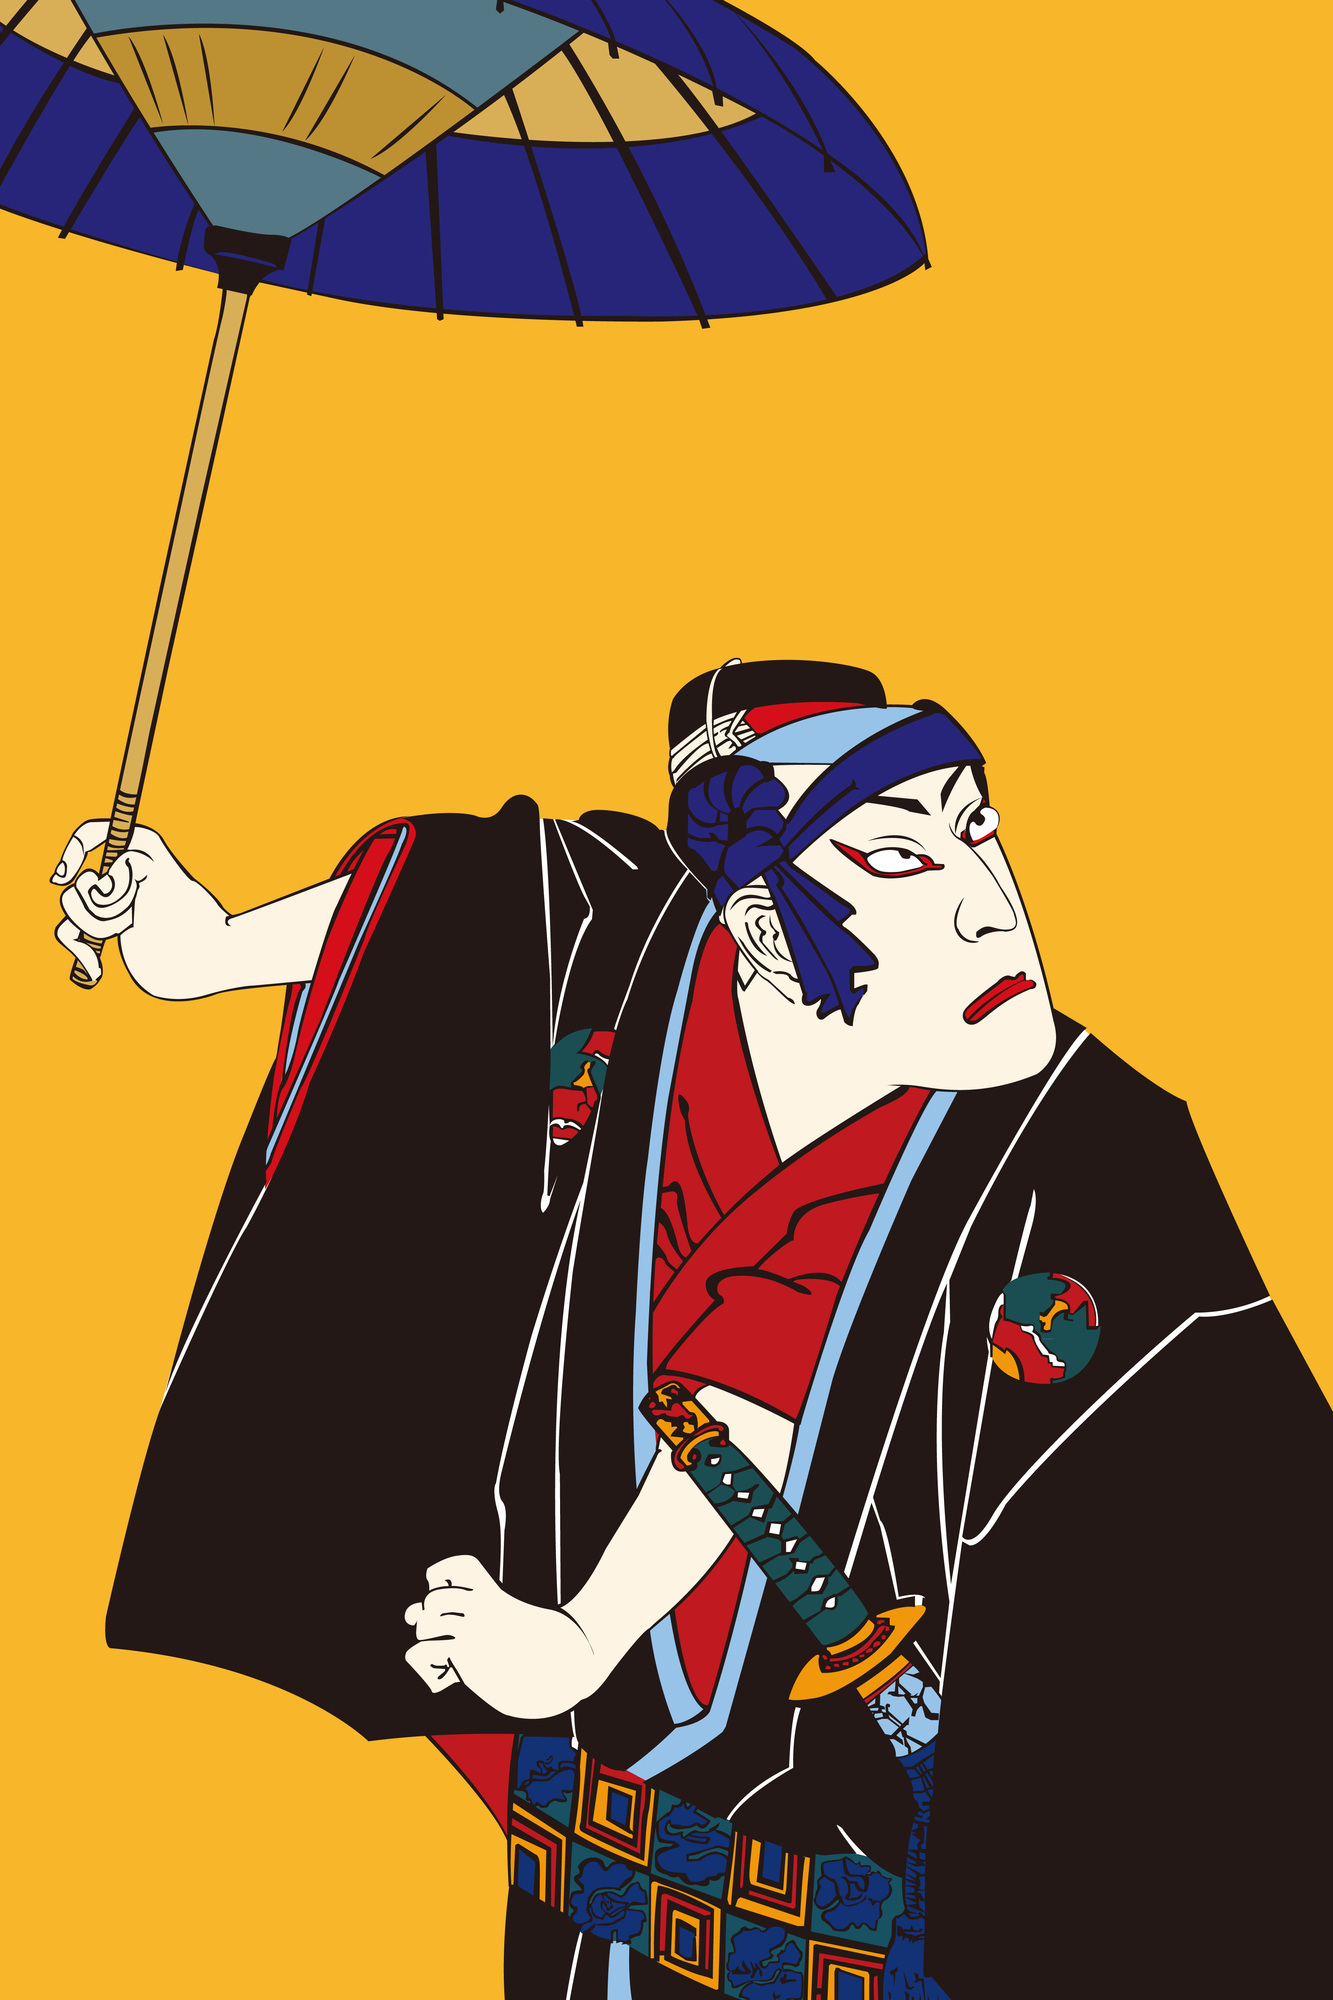 東京を創訳する 第15回『歌舞伎ー昔と今(1)』